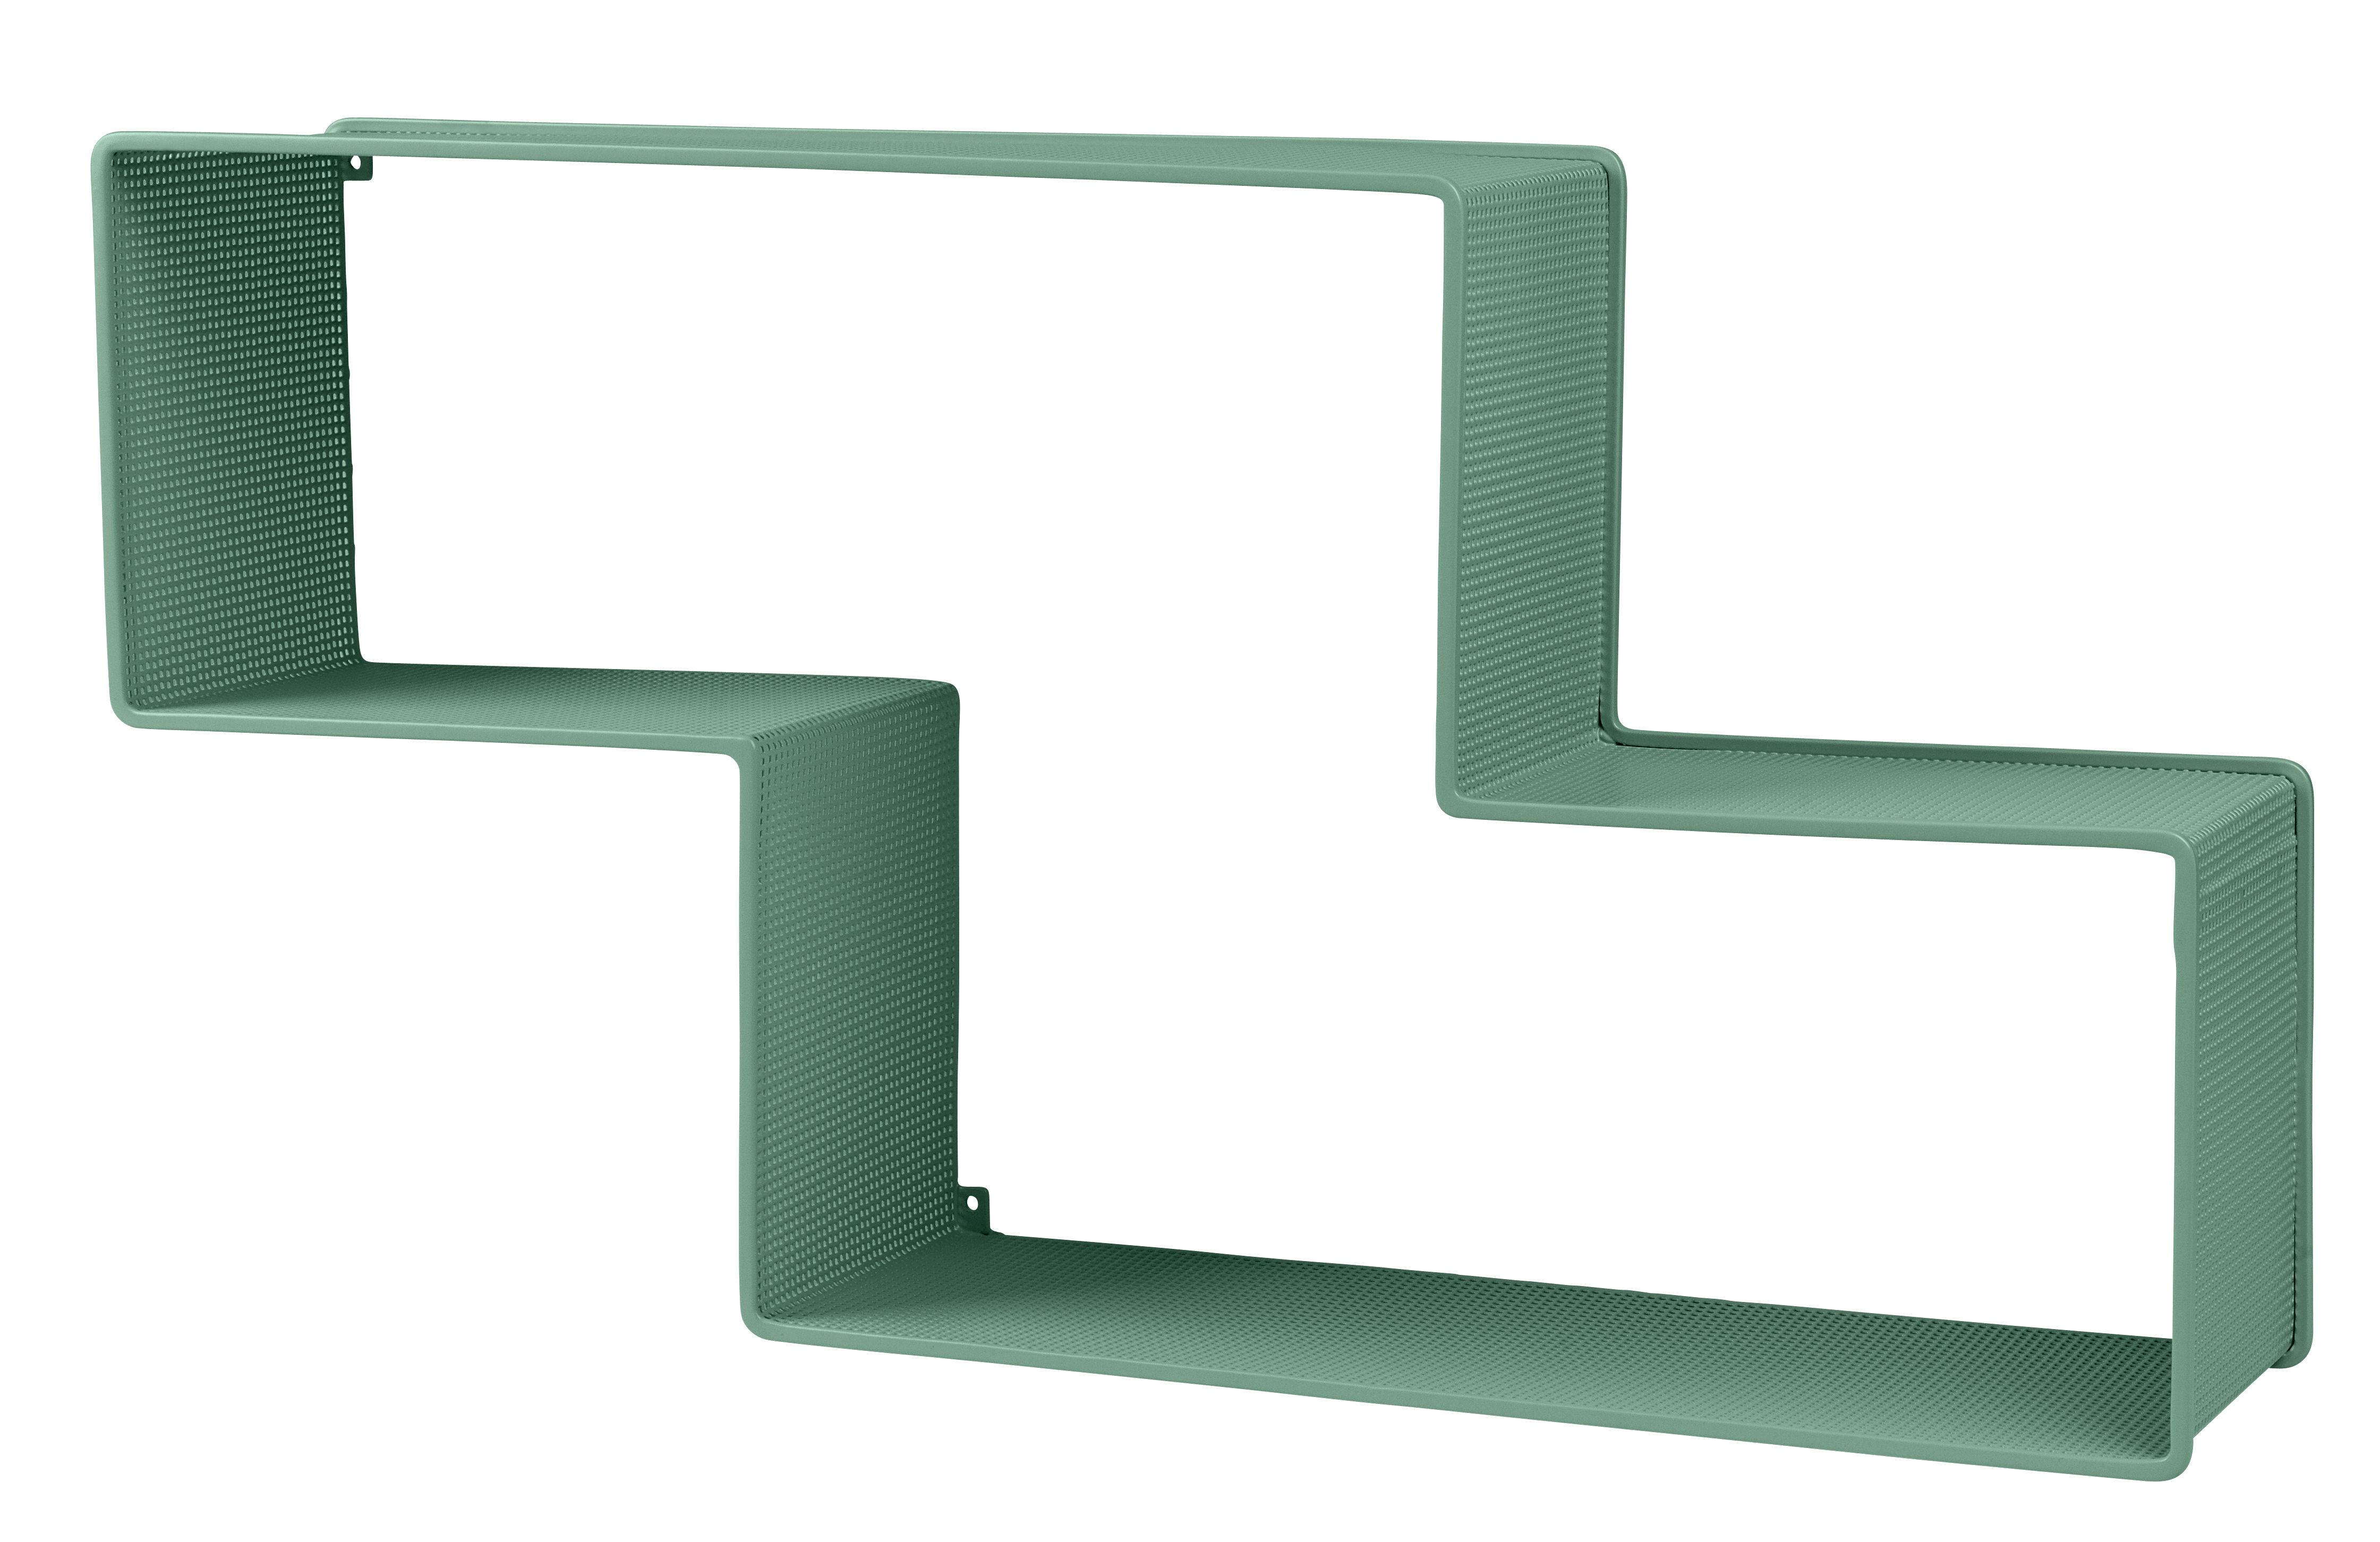 Mobilier - Etagères & bibliothèques - Etagère Dédal / Matégot - L 90 cm - Réédition 50' - Gubi - Vert - Tôle d'acier